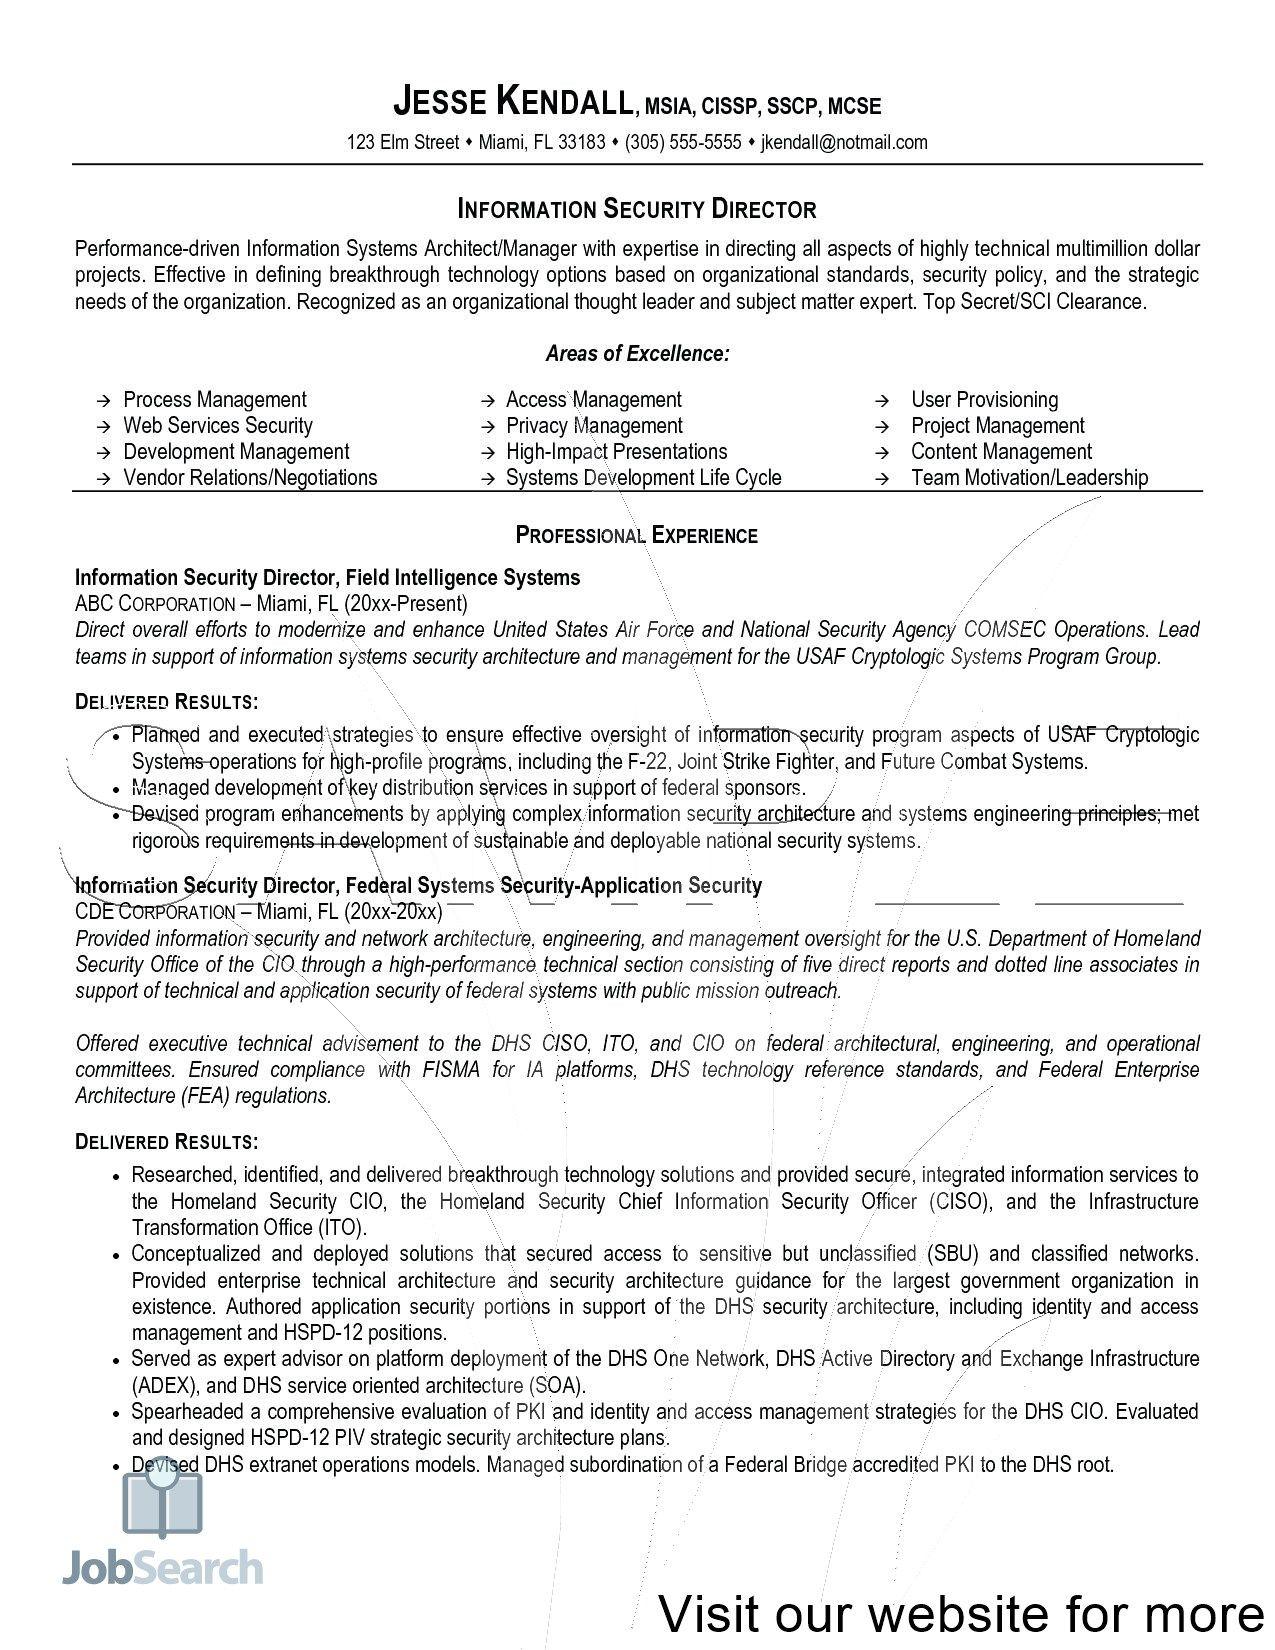 Resume Design Creative Professional In 2020 Security Resume Resume Examples Resume Design Creative